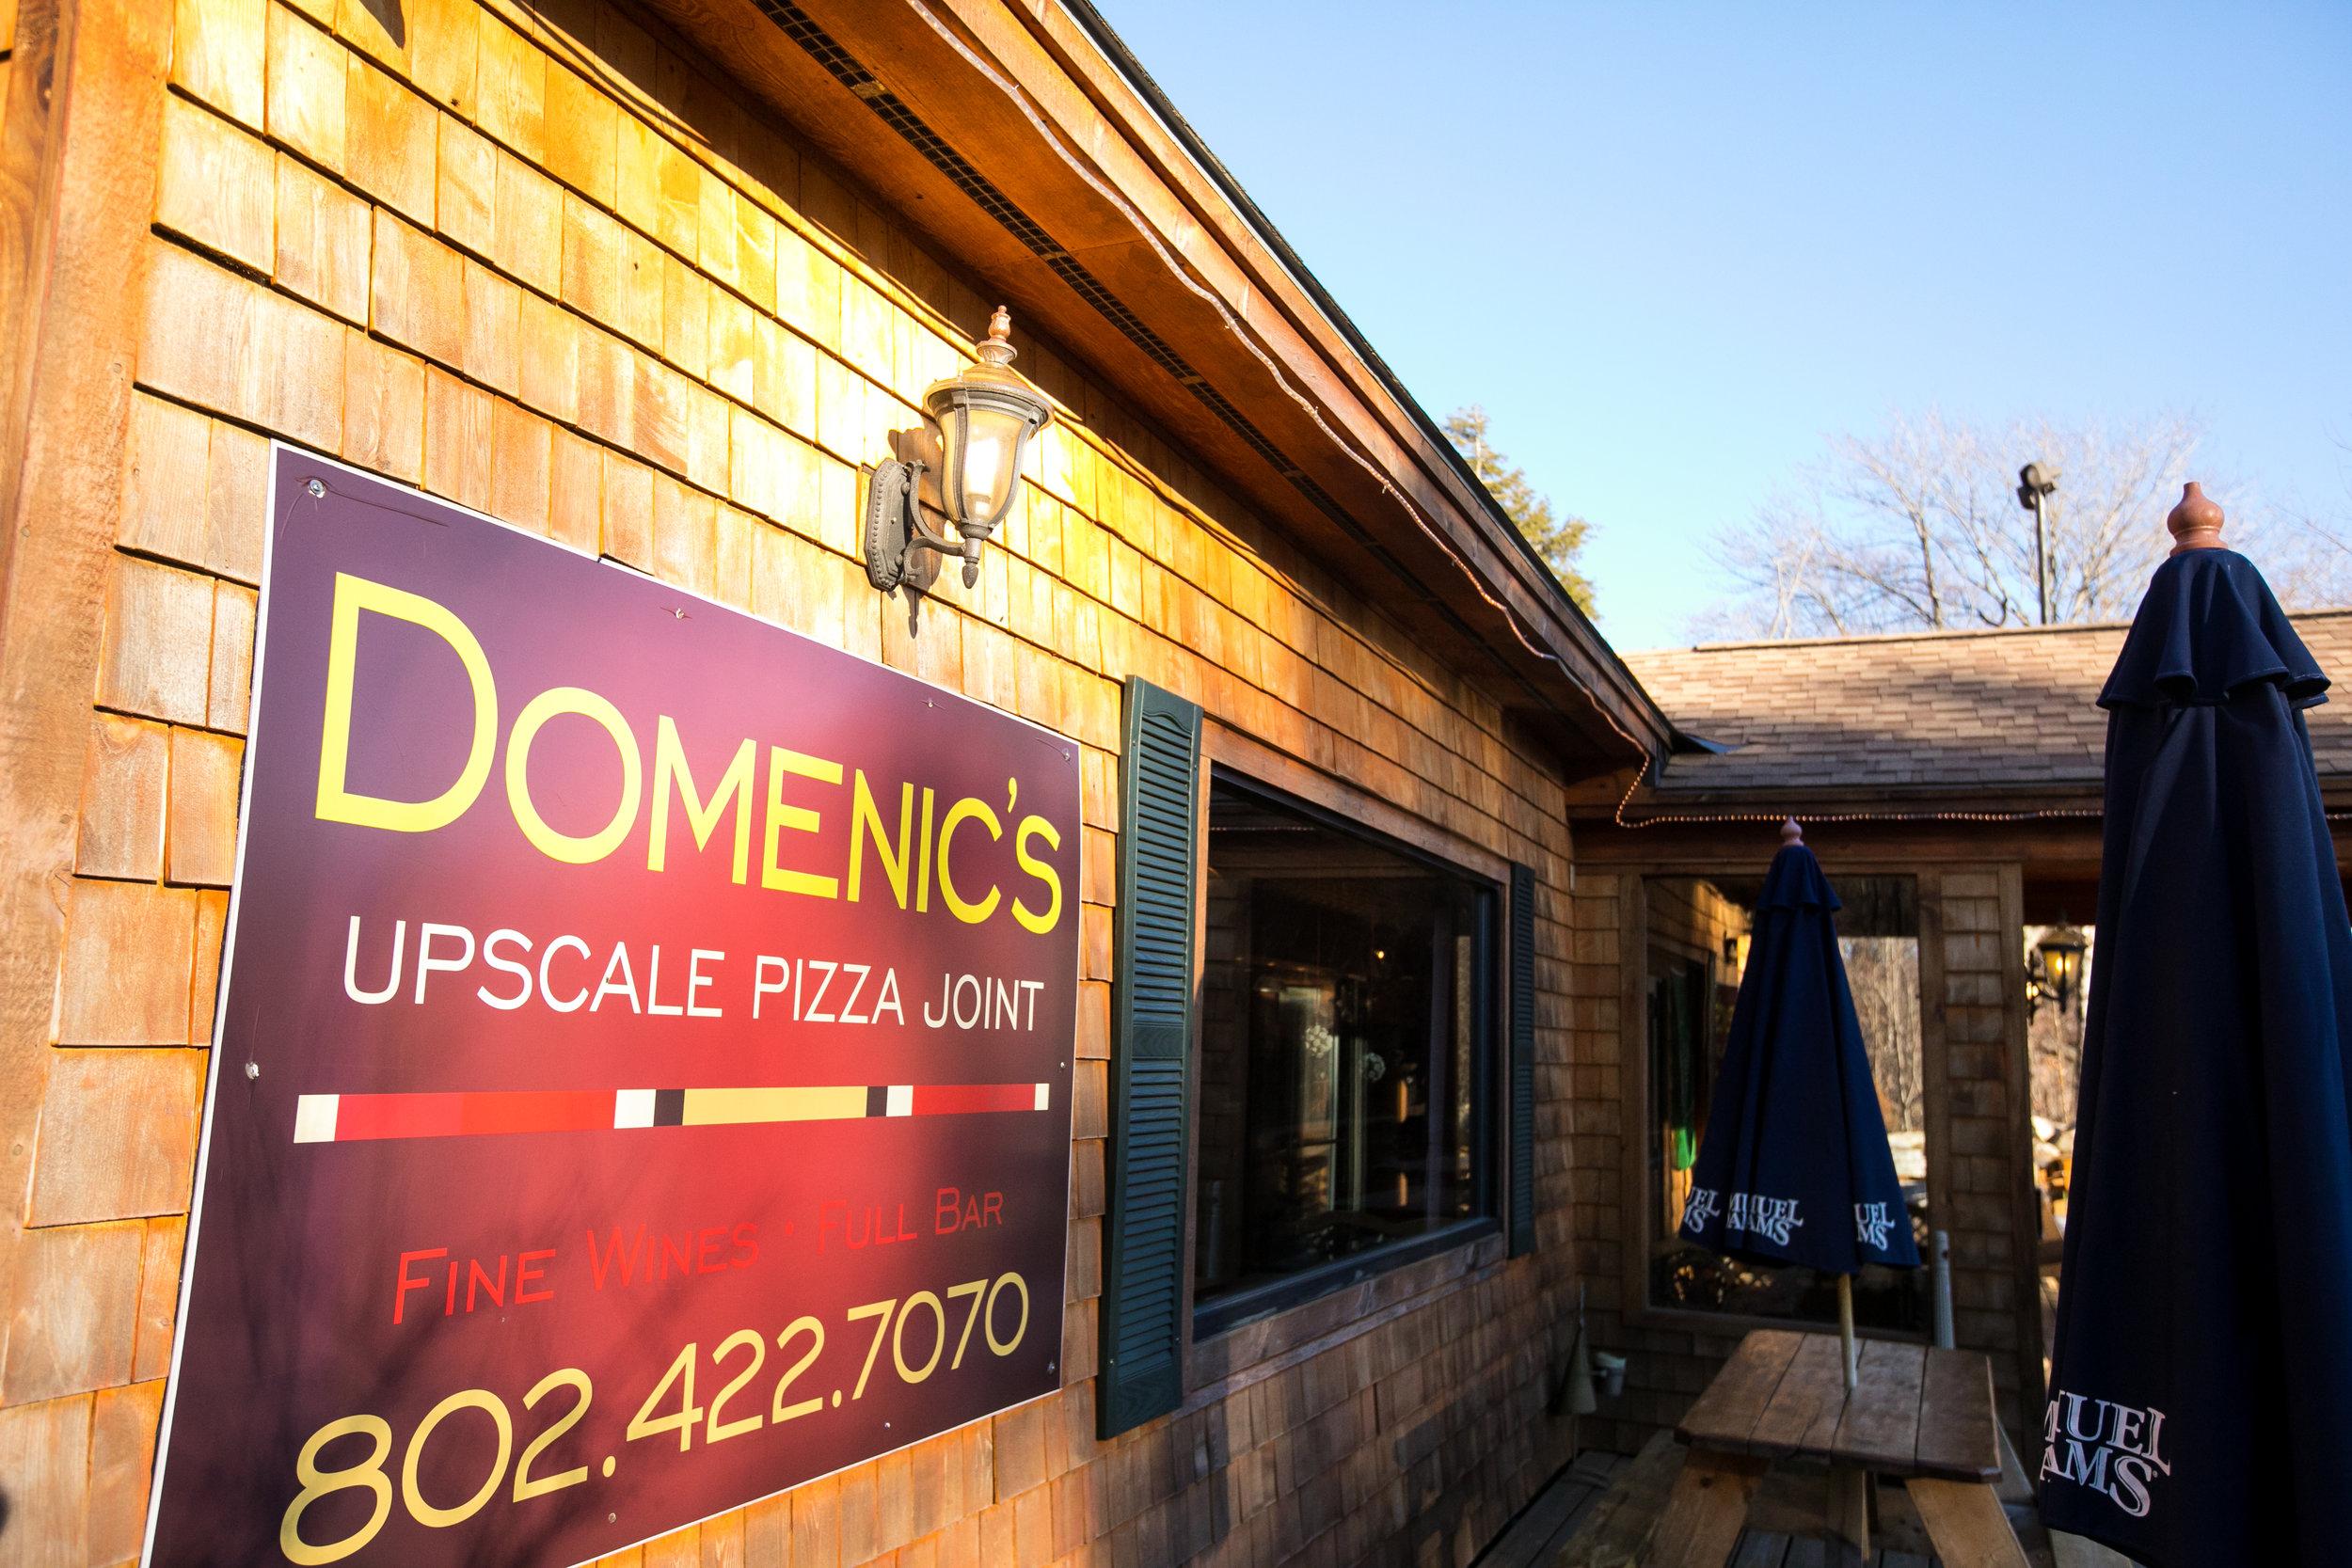 Domenic's Upscale Pizza Joint Killington, VT